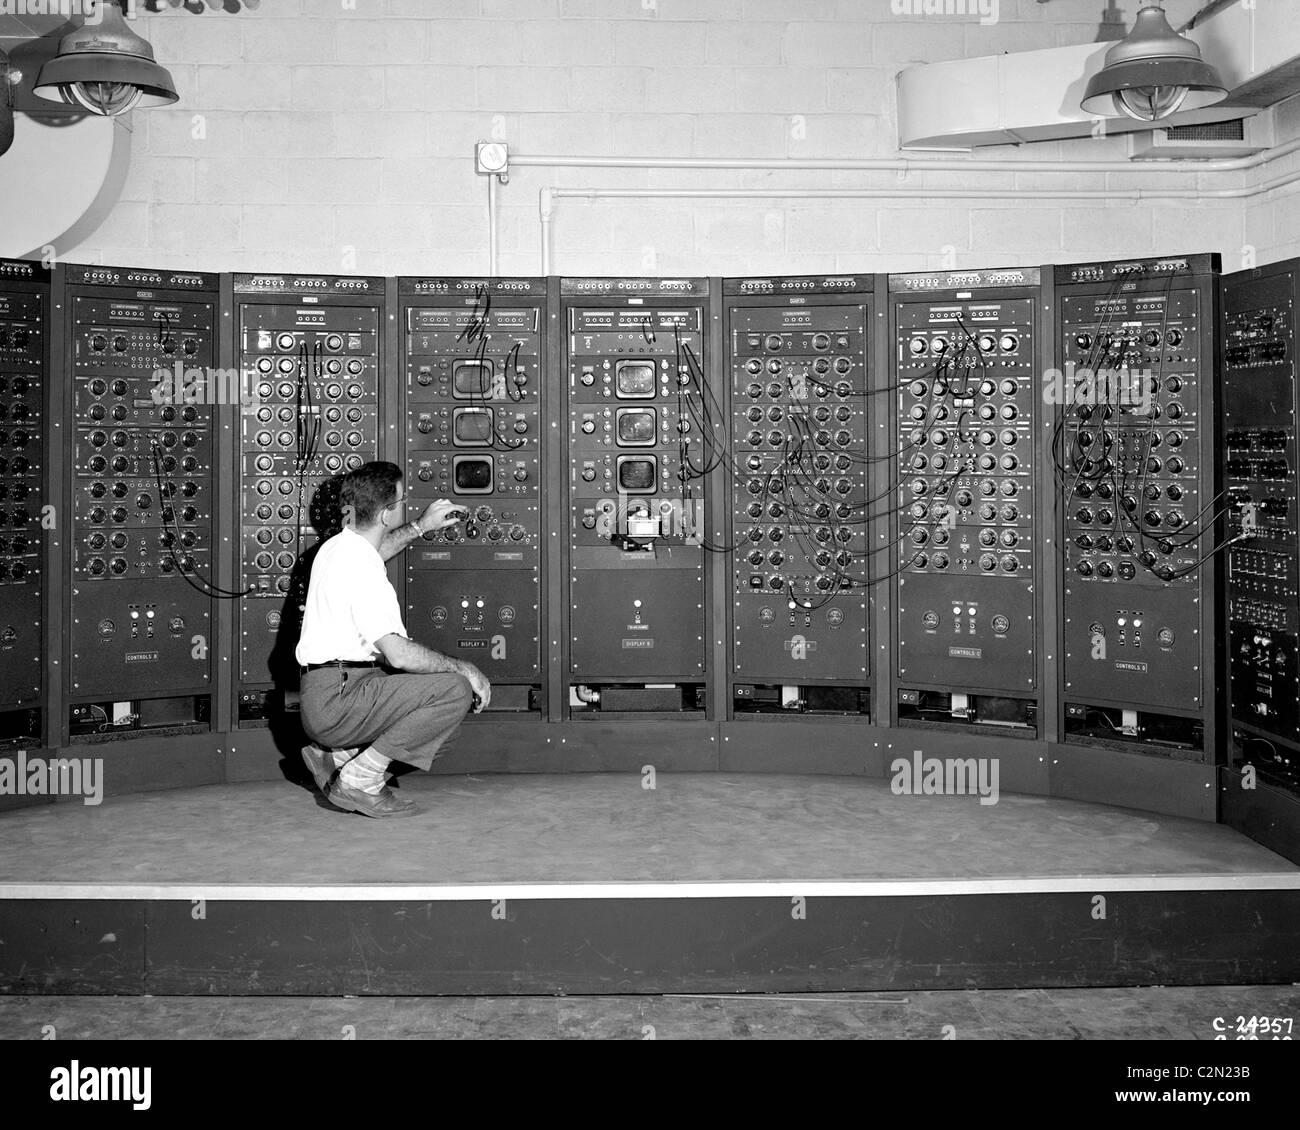 Machine de calcul analogique, une première version de l'ordinateur moderne. Photo Stock